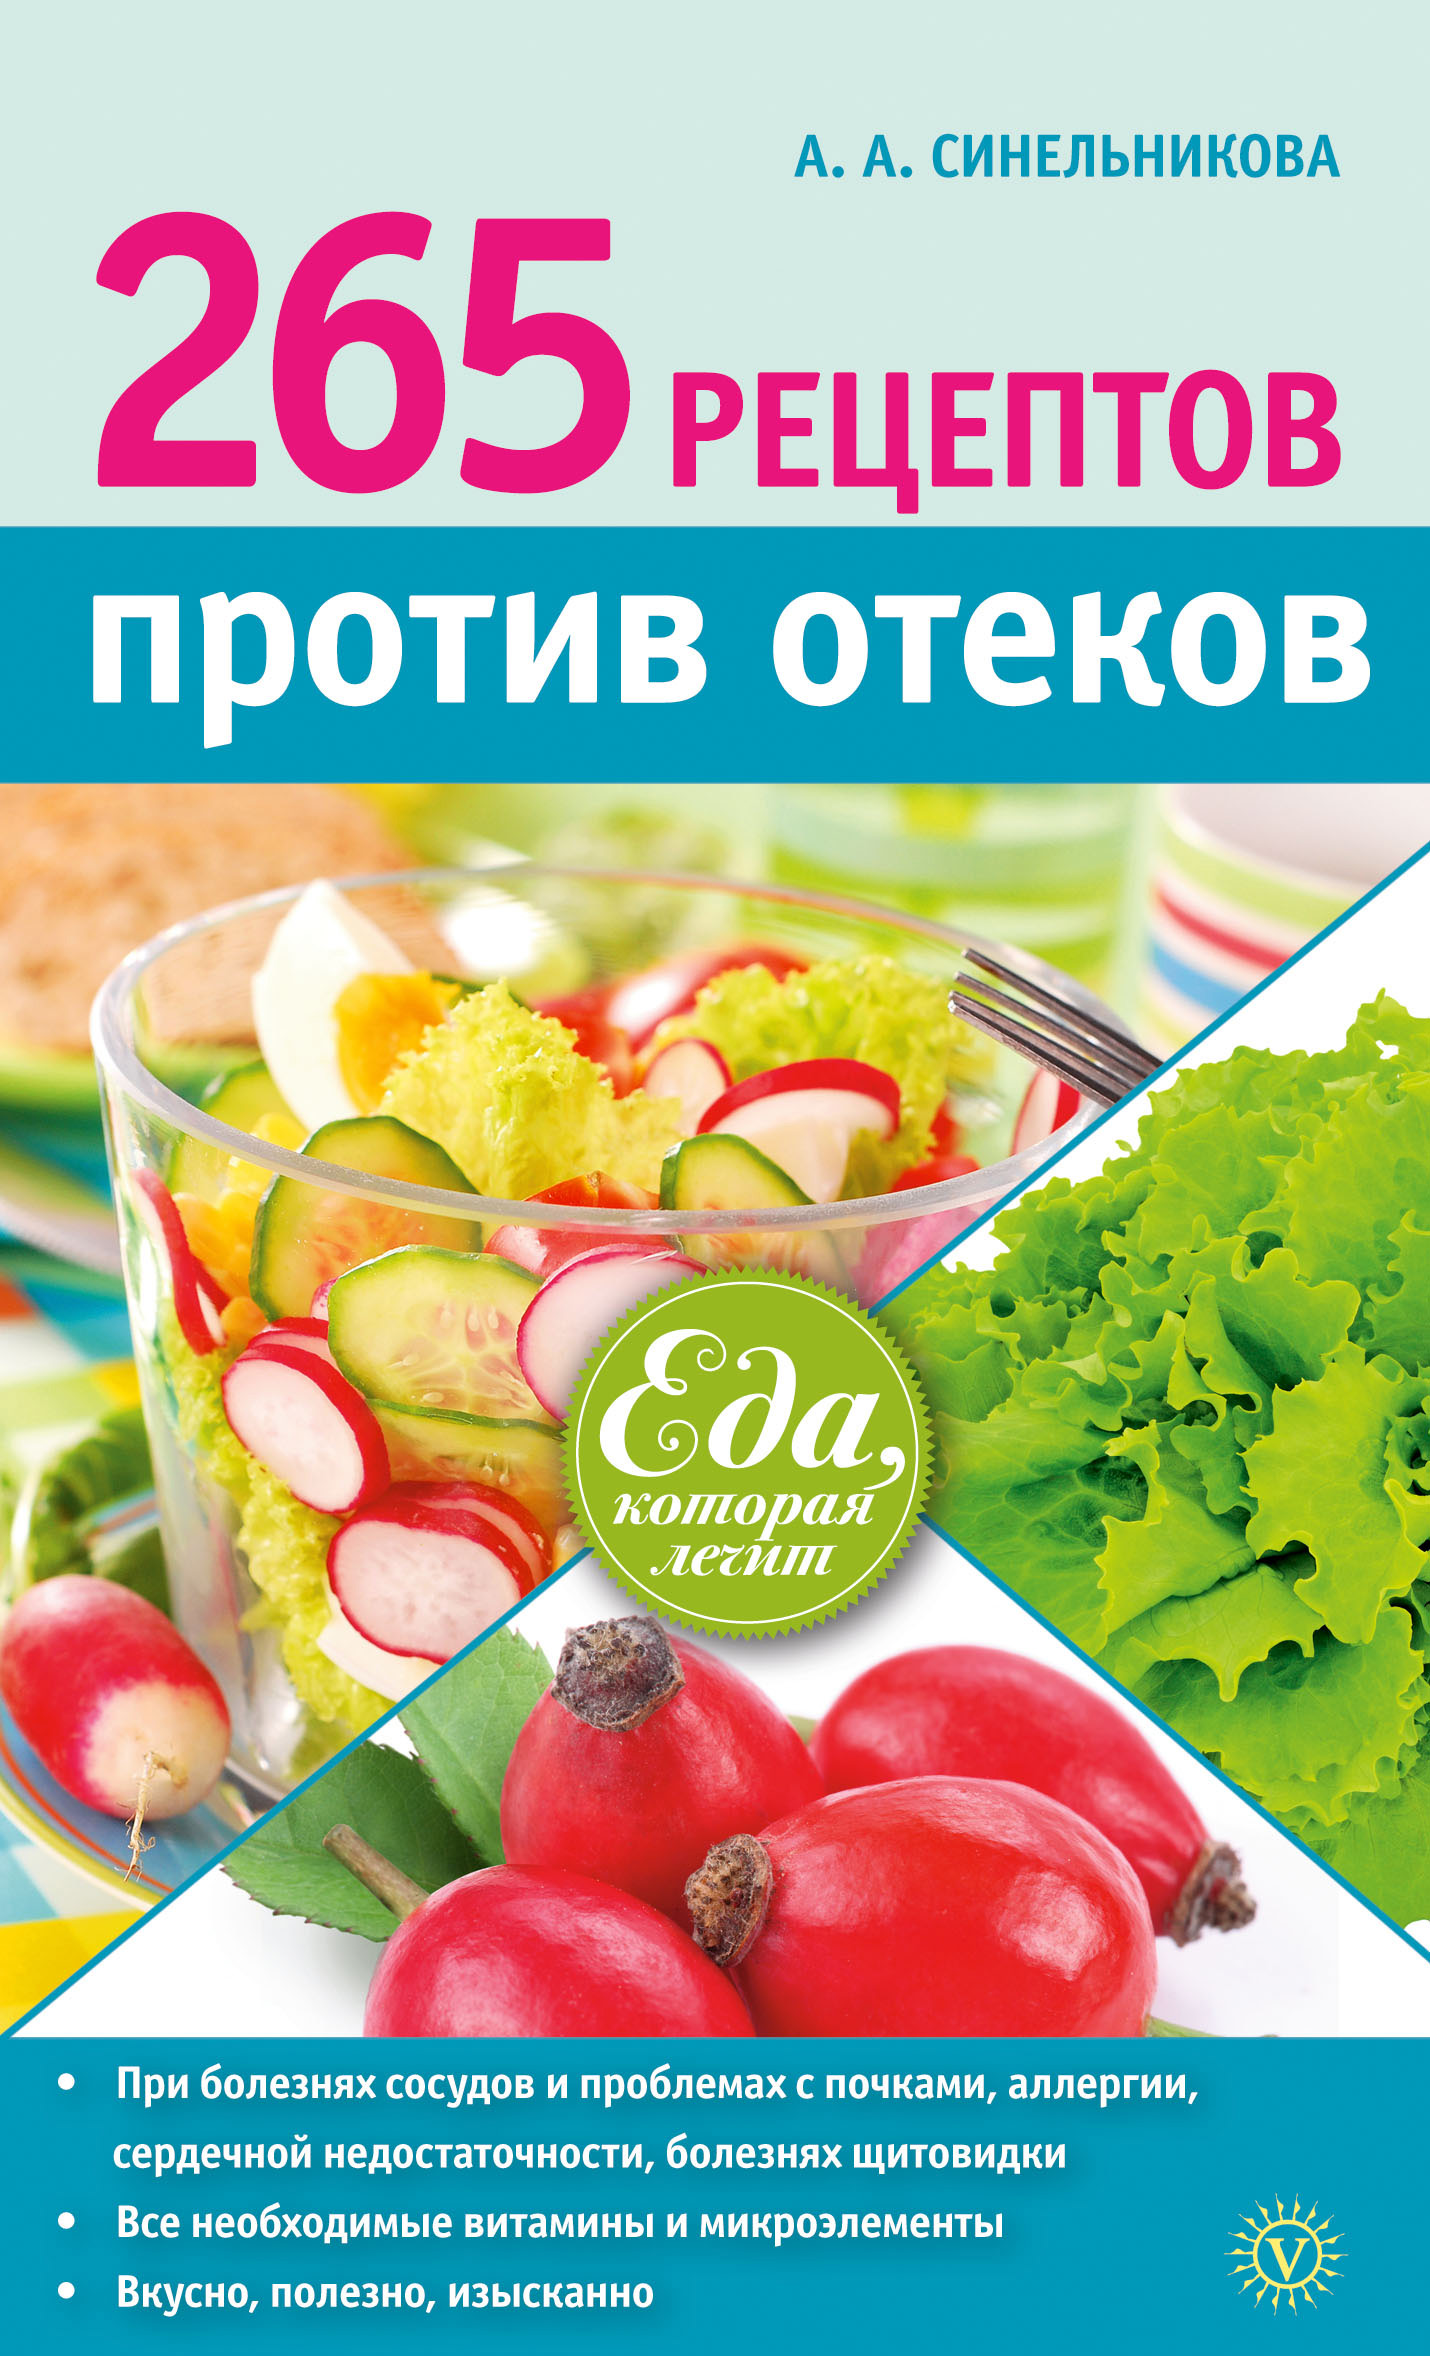 цена А. А. Синельникова 265 рецептов против отеков